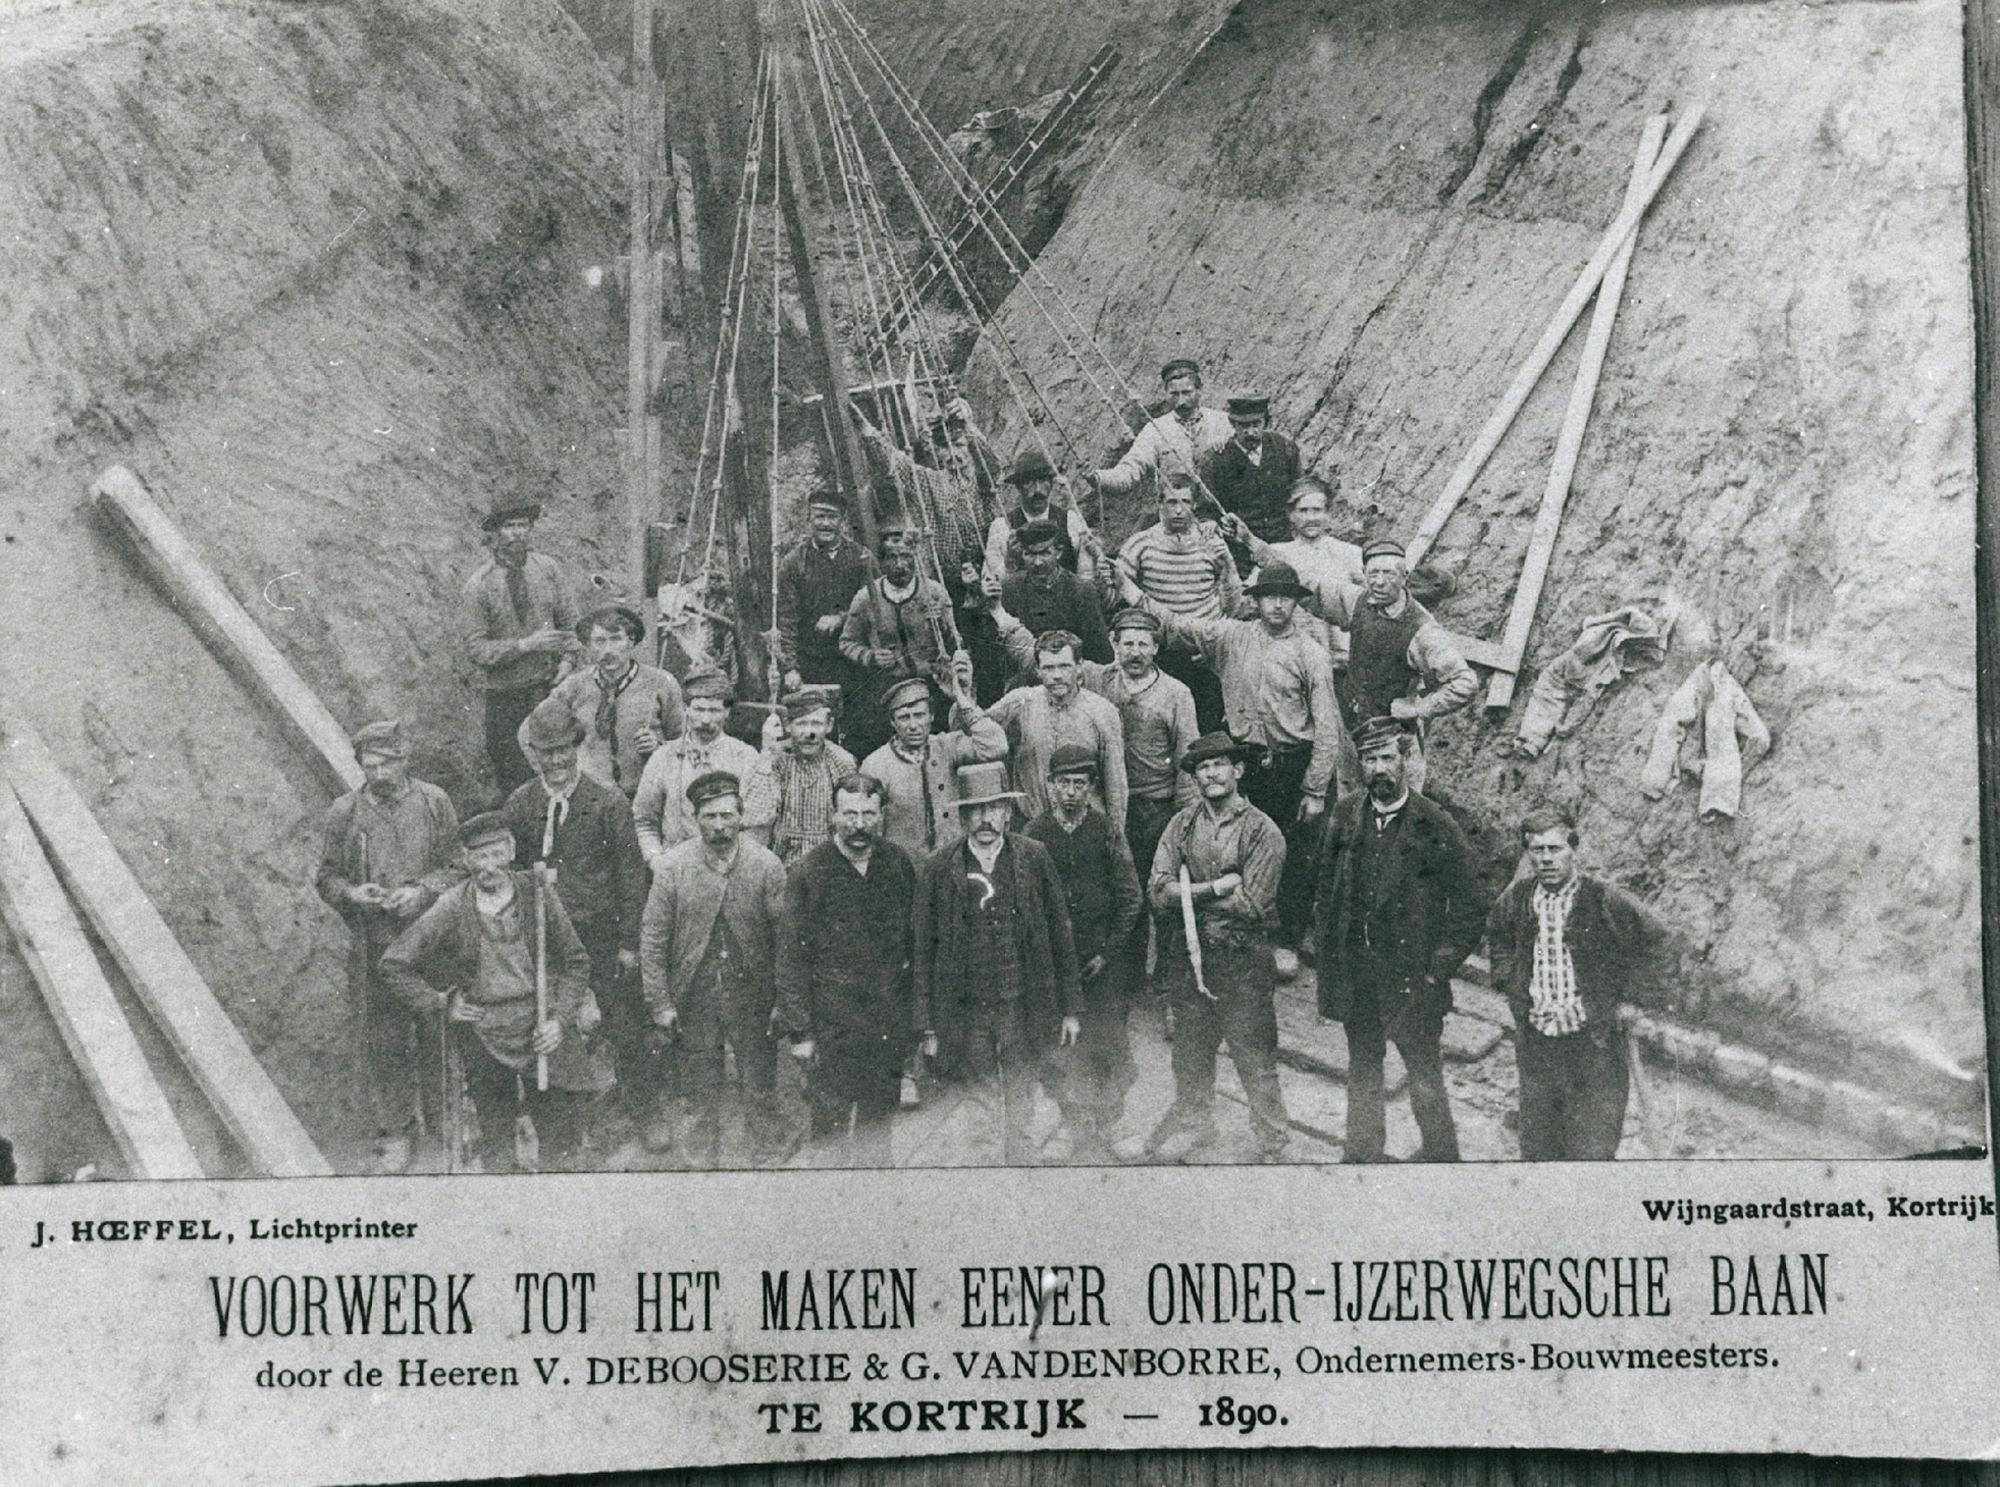 Voorbereiding tot de aanleg van een spoorwegbaan aan de J. de Bethunelaan.